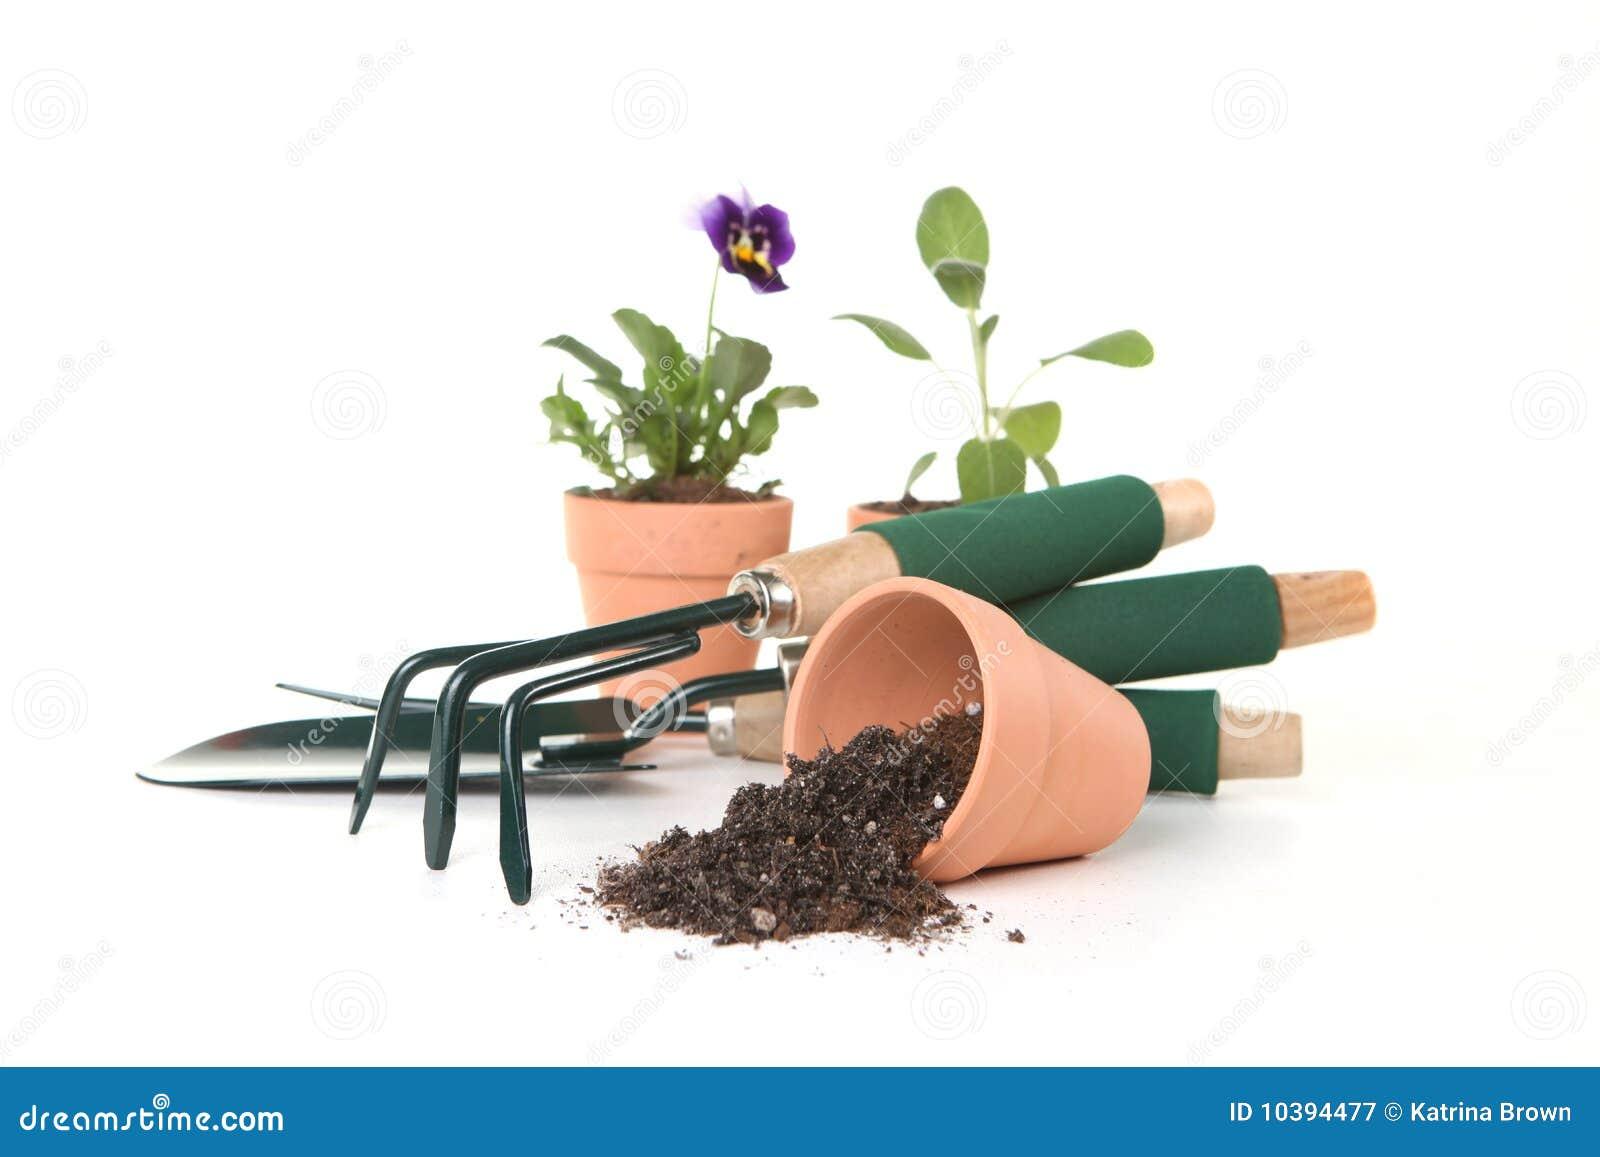 Gardening Tools On White Background Stock Image Image